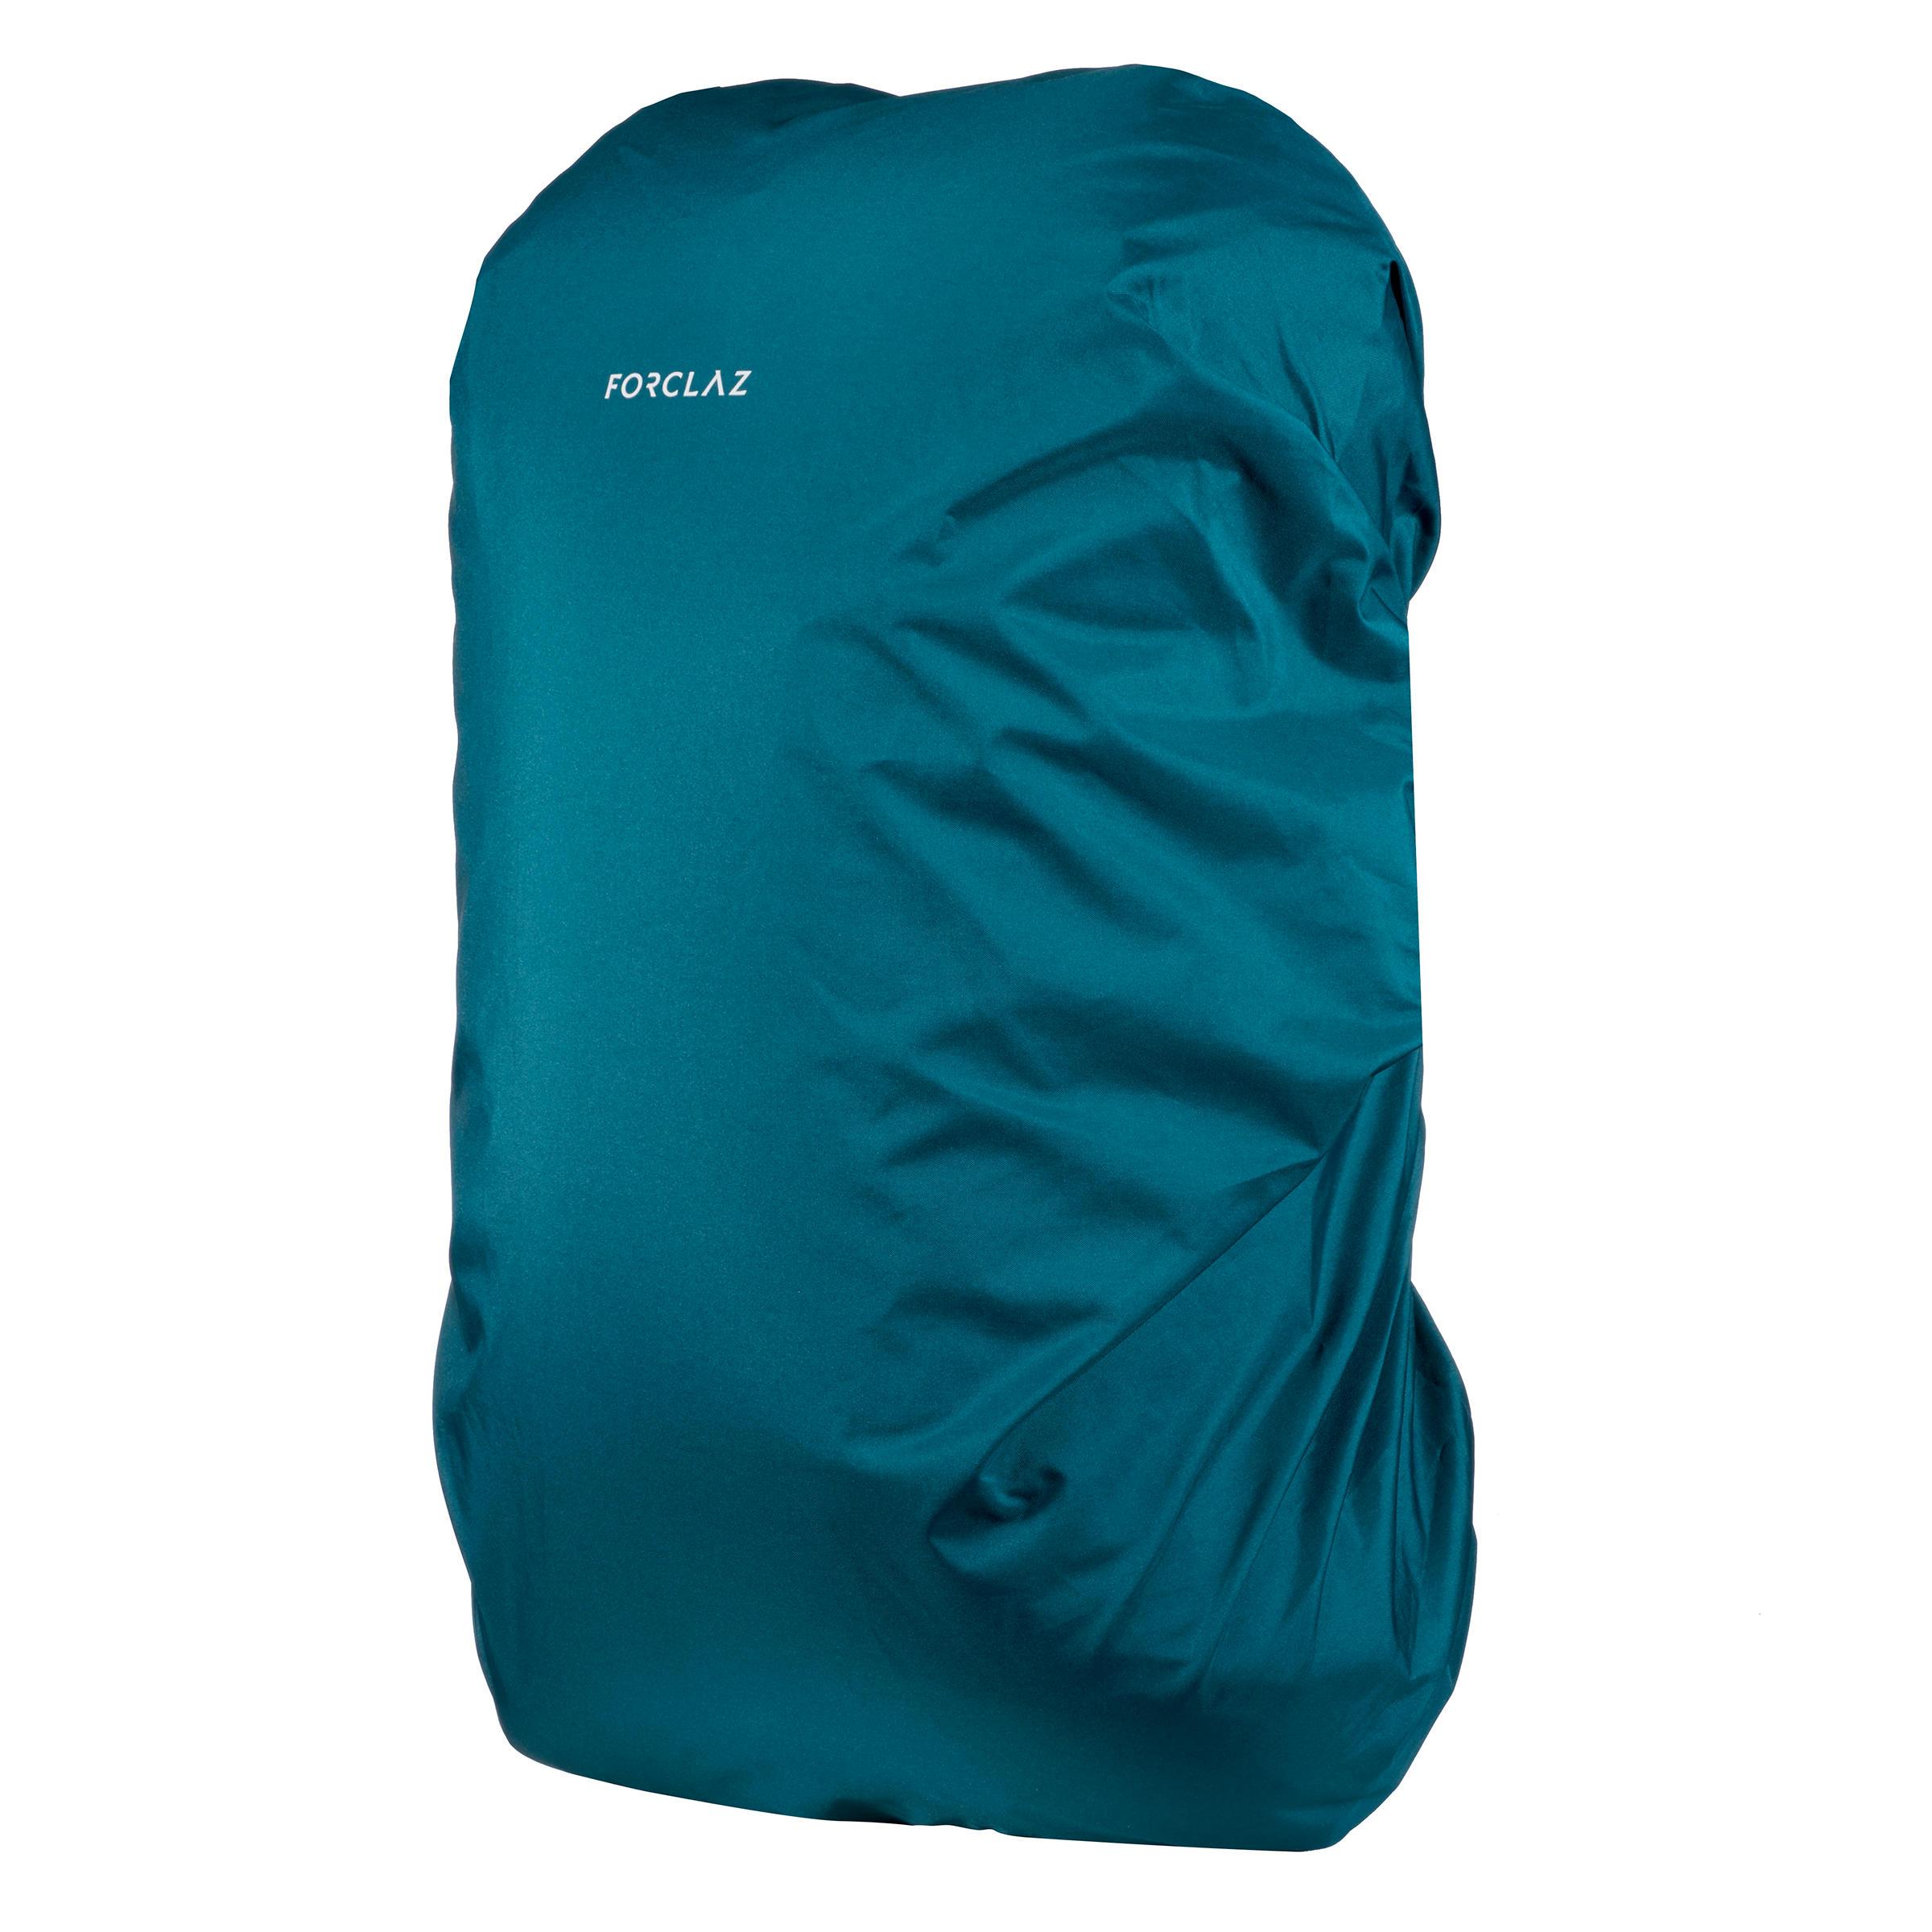 Transport- und Regenschutzhülle Travel für Rucksack mit 40-60 Liter | Taschen > Rucksäcke | Blau - Türkis | Forclaz